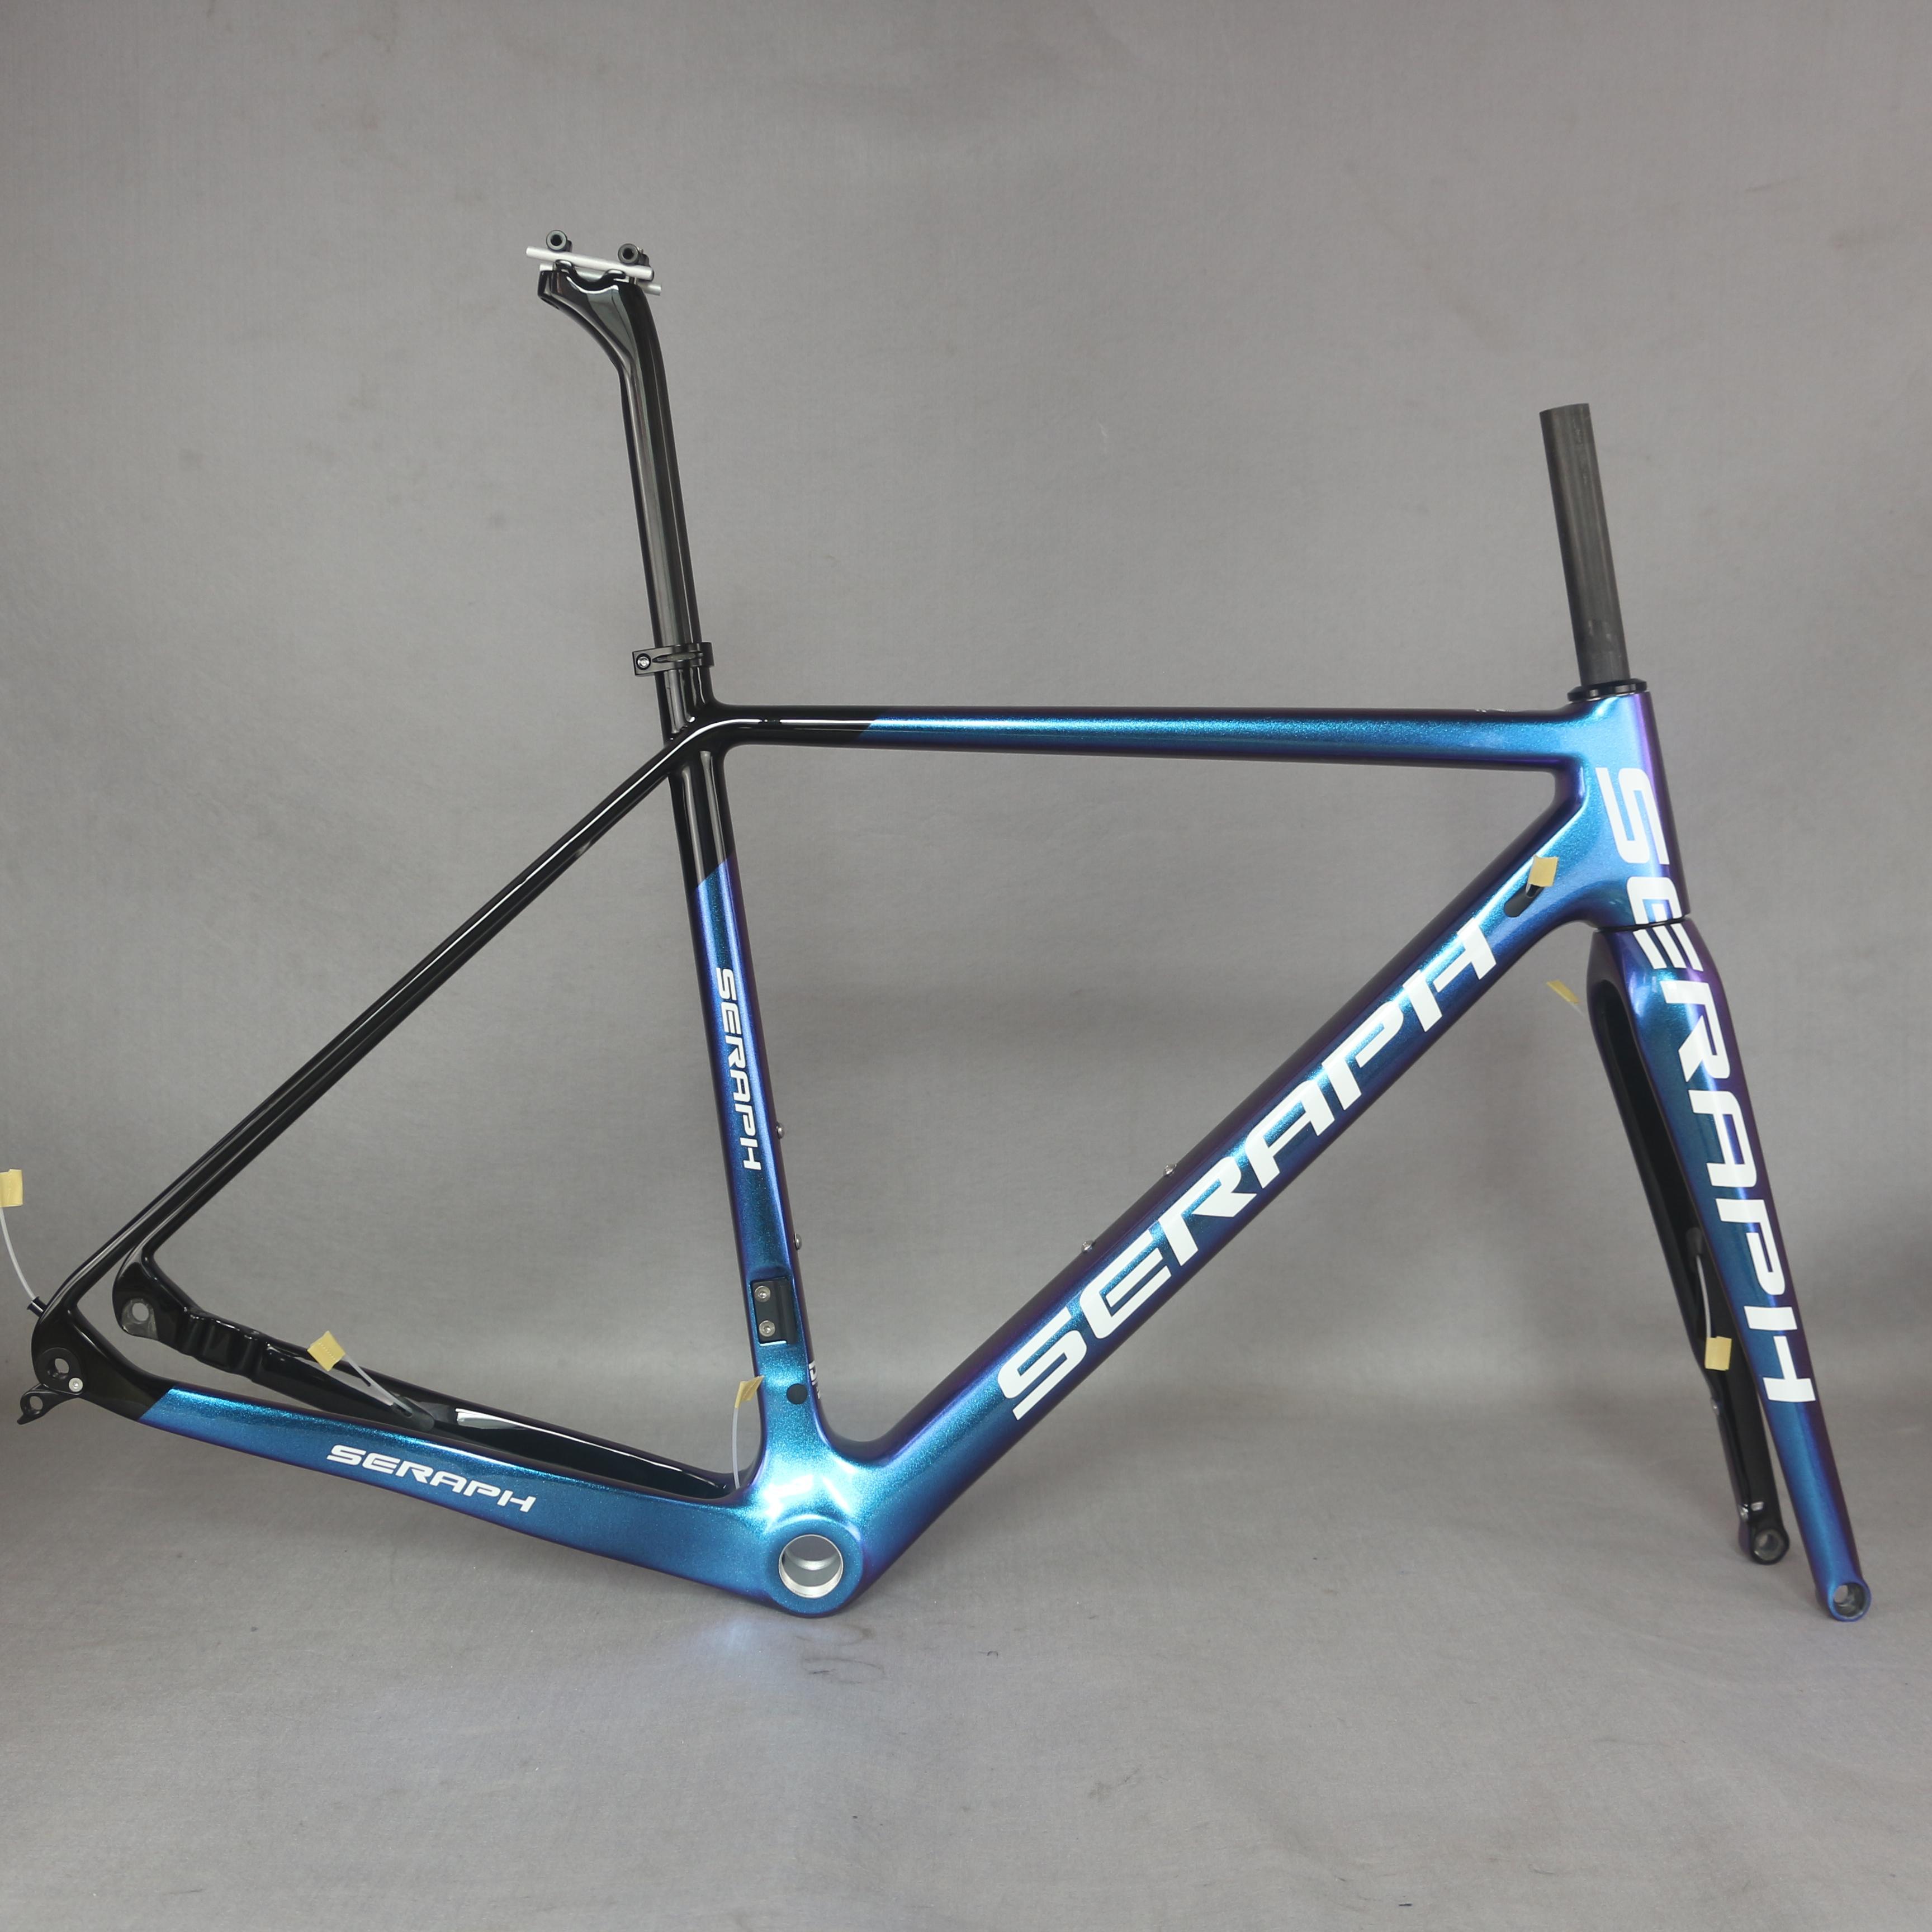 BiyFrame طنطان سوبر ضوء الحصى دراجة الإطار من خلال المحور القرص الفرامل الكربون دراجة الإطار كل حجم في المخزون